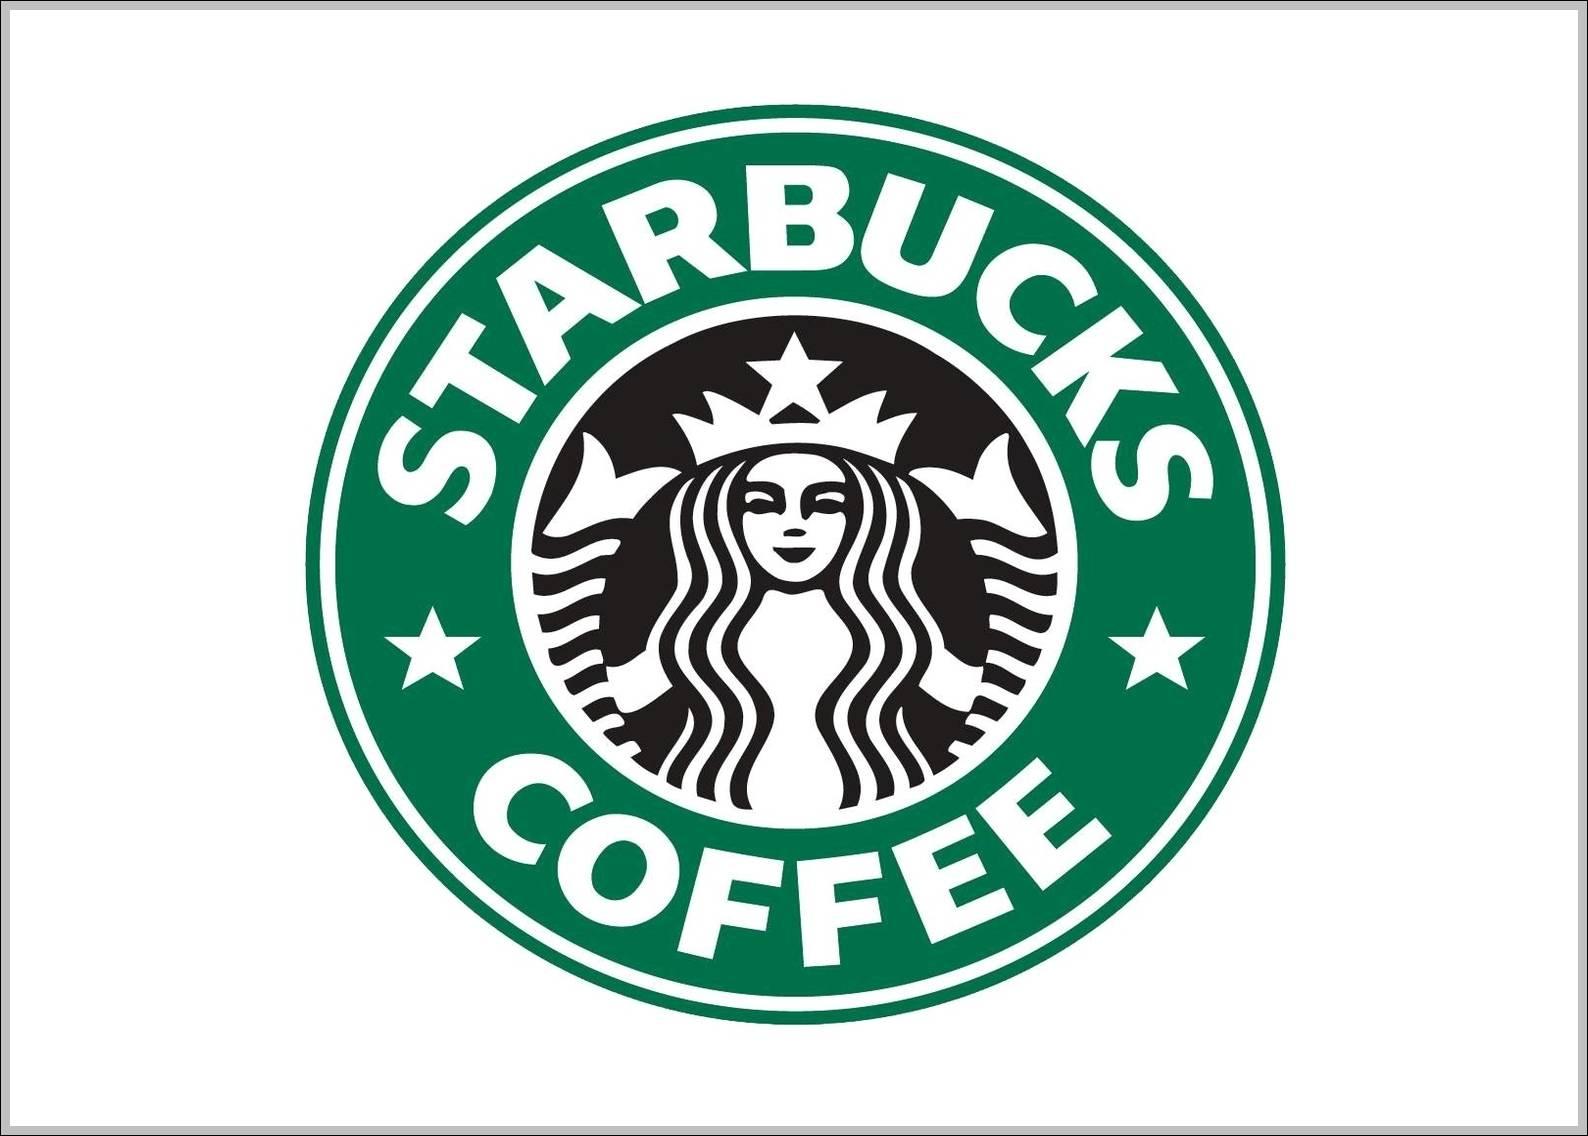 Starbucks logo old